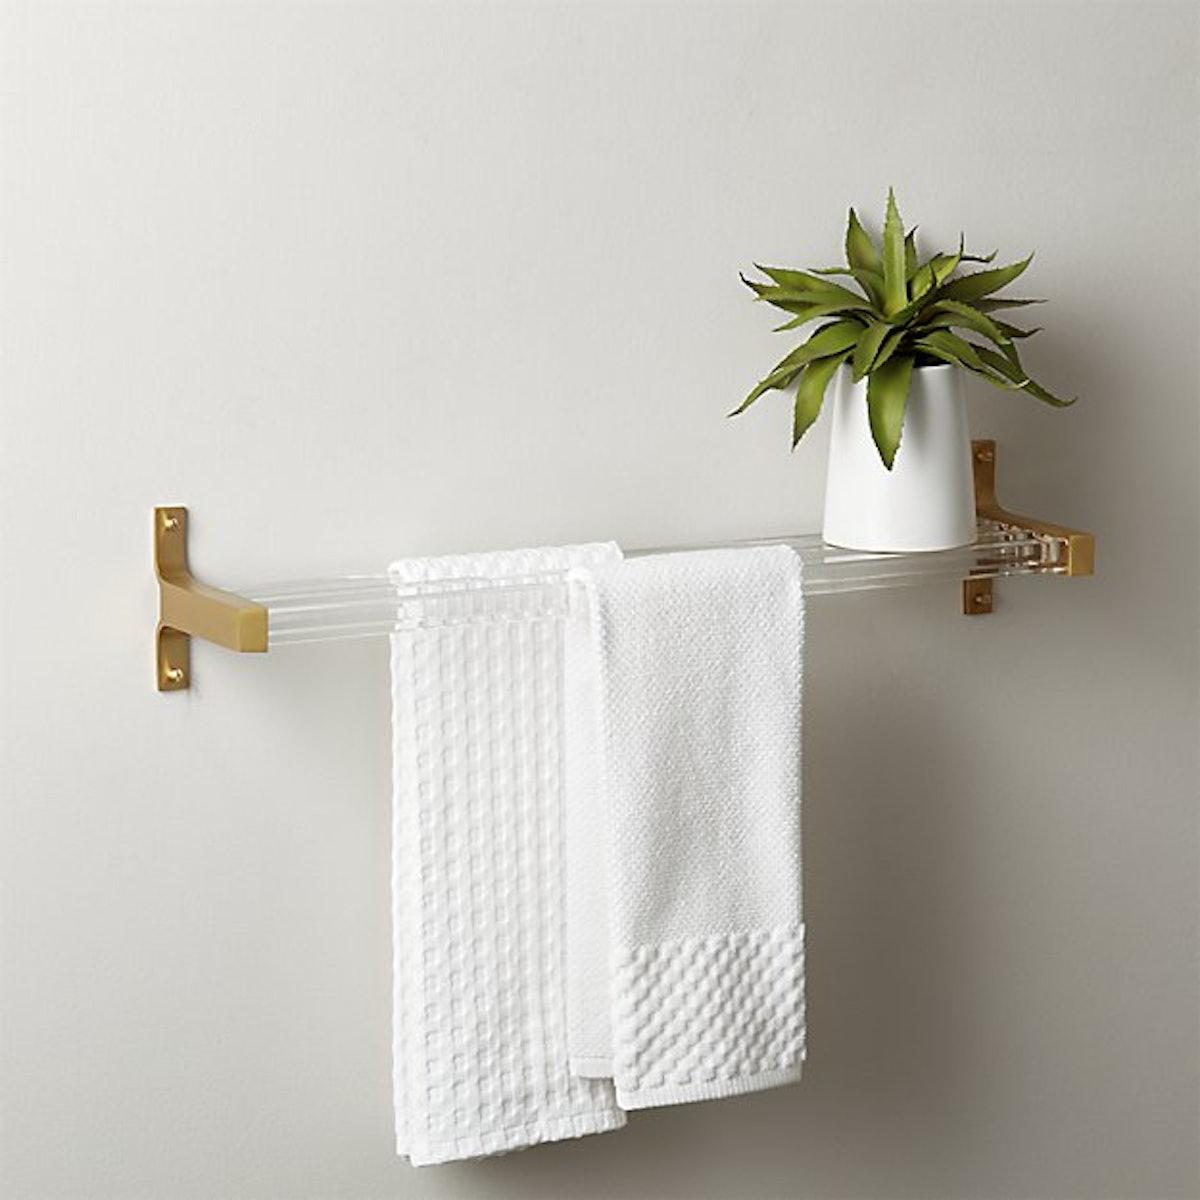 Small Cubo Acrylic Bathroom Shelf